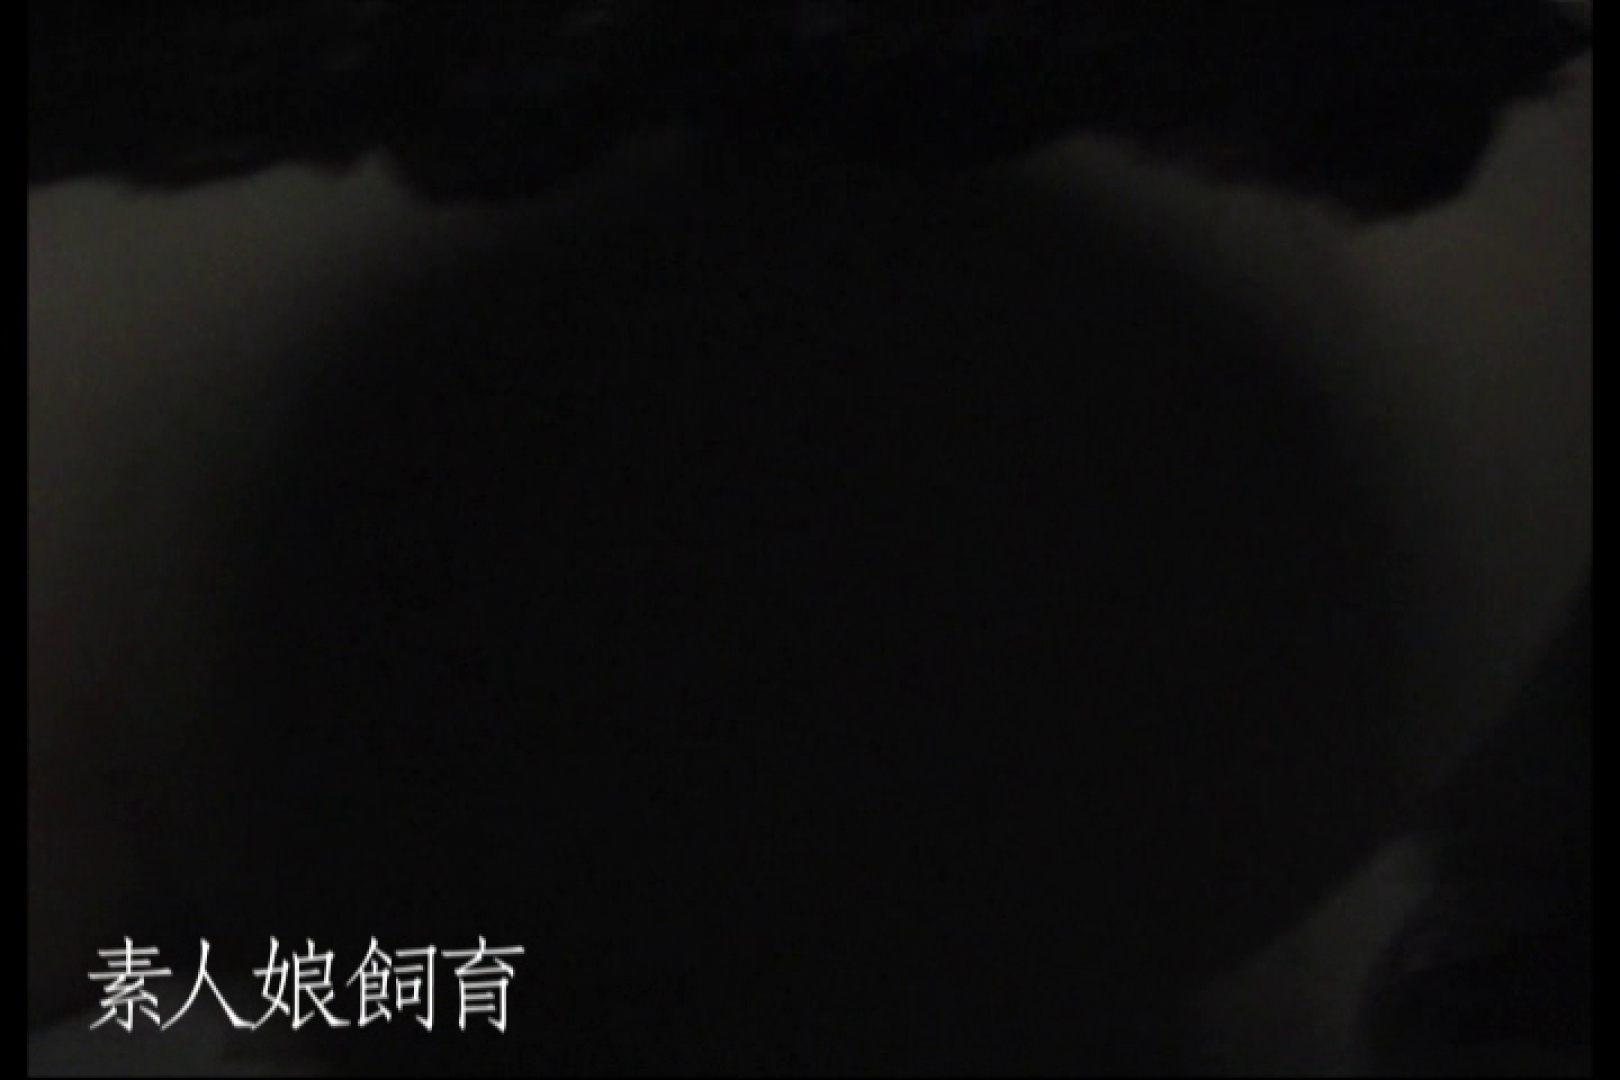 素人娘飼育~お前の餌は他人棒~公園でバイブとお漏らし 素人丸裸 のぞき動画画像 71pic 27